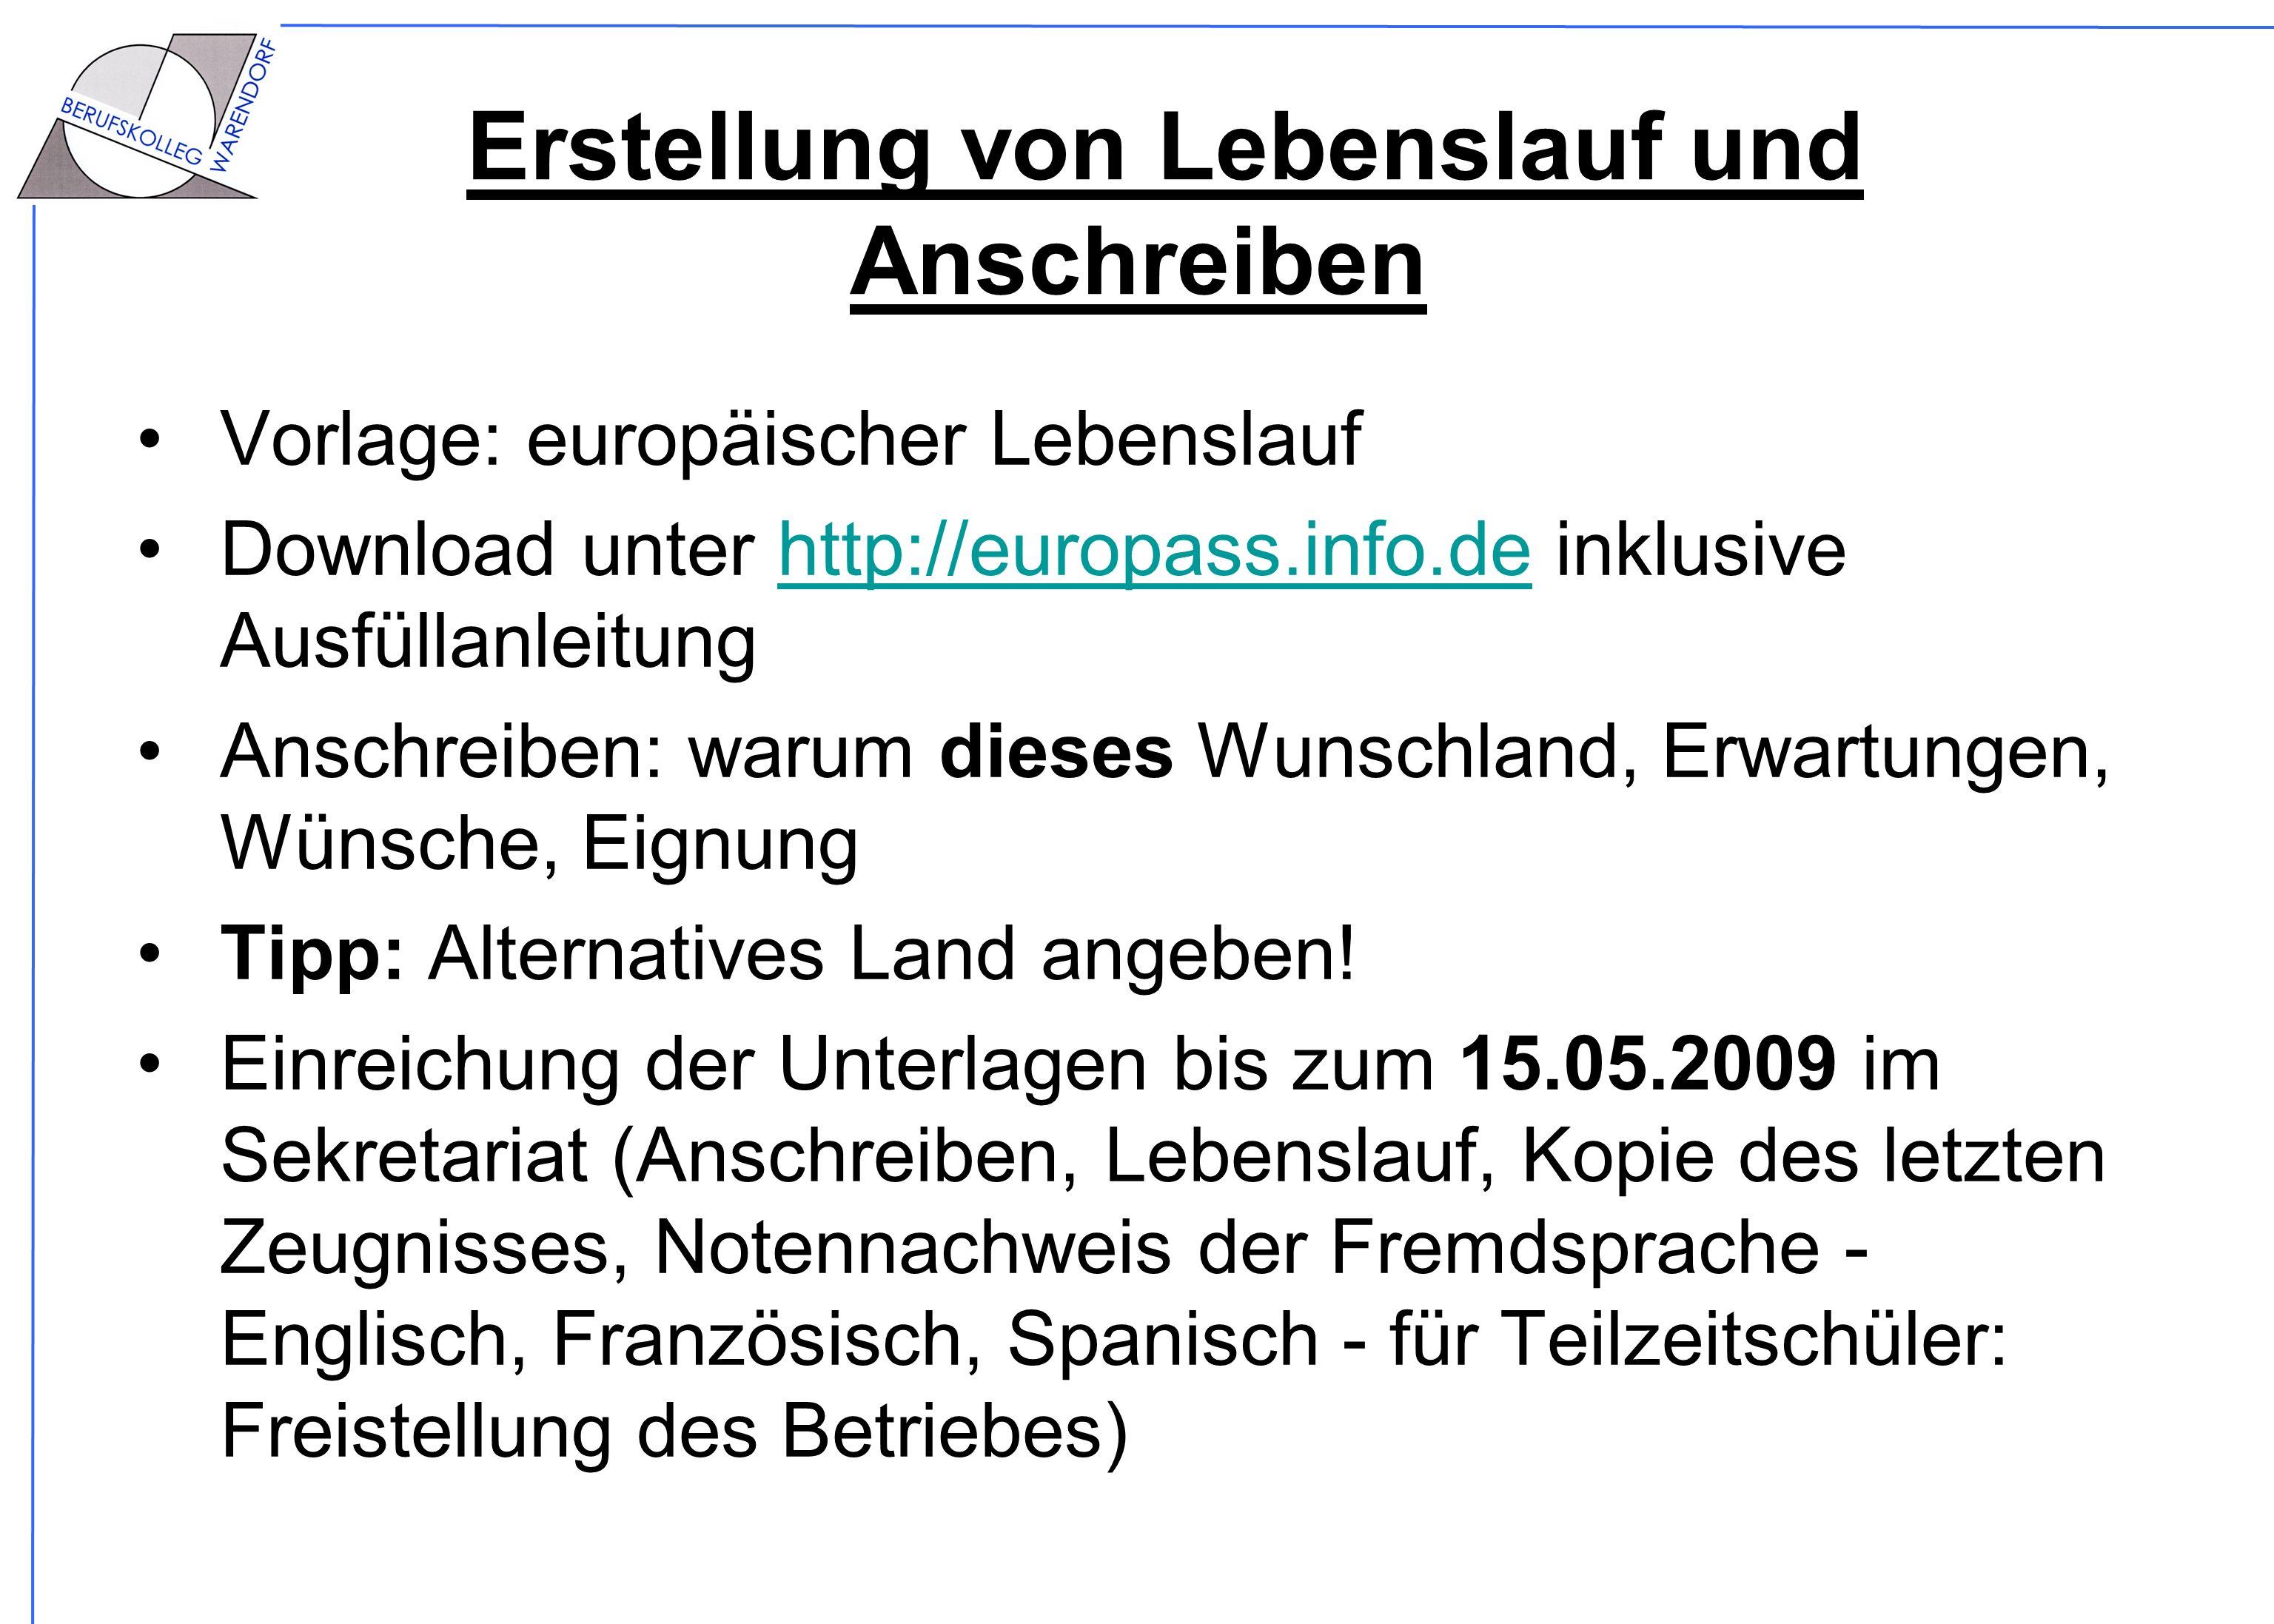 Erstellung von Lebenslauf und Anschreiben Vorlage: europäischer Lebenslauf Download unter http://europass.info.de inklusive Ausfüllanleitunghttp://eur